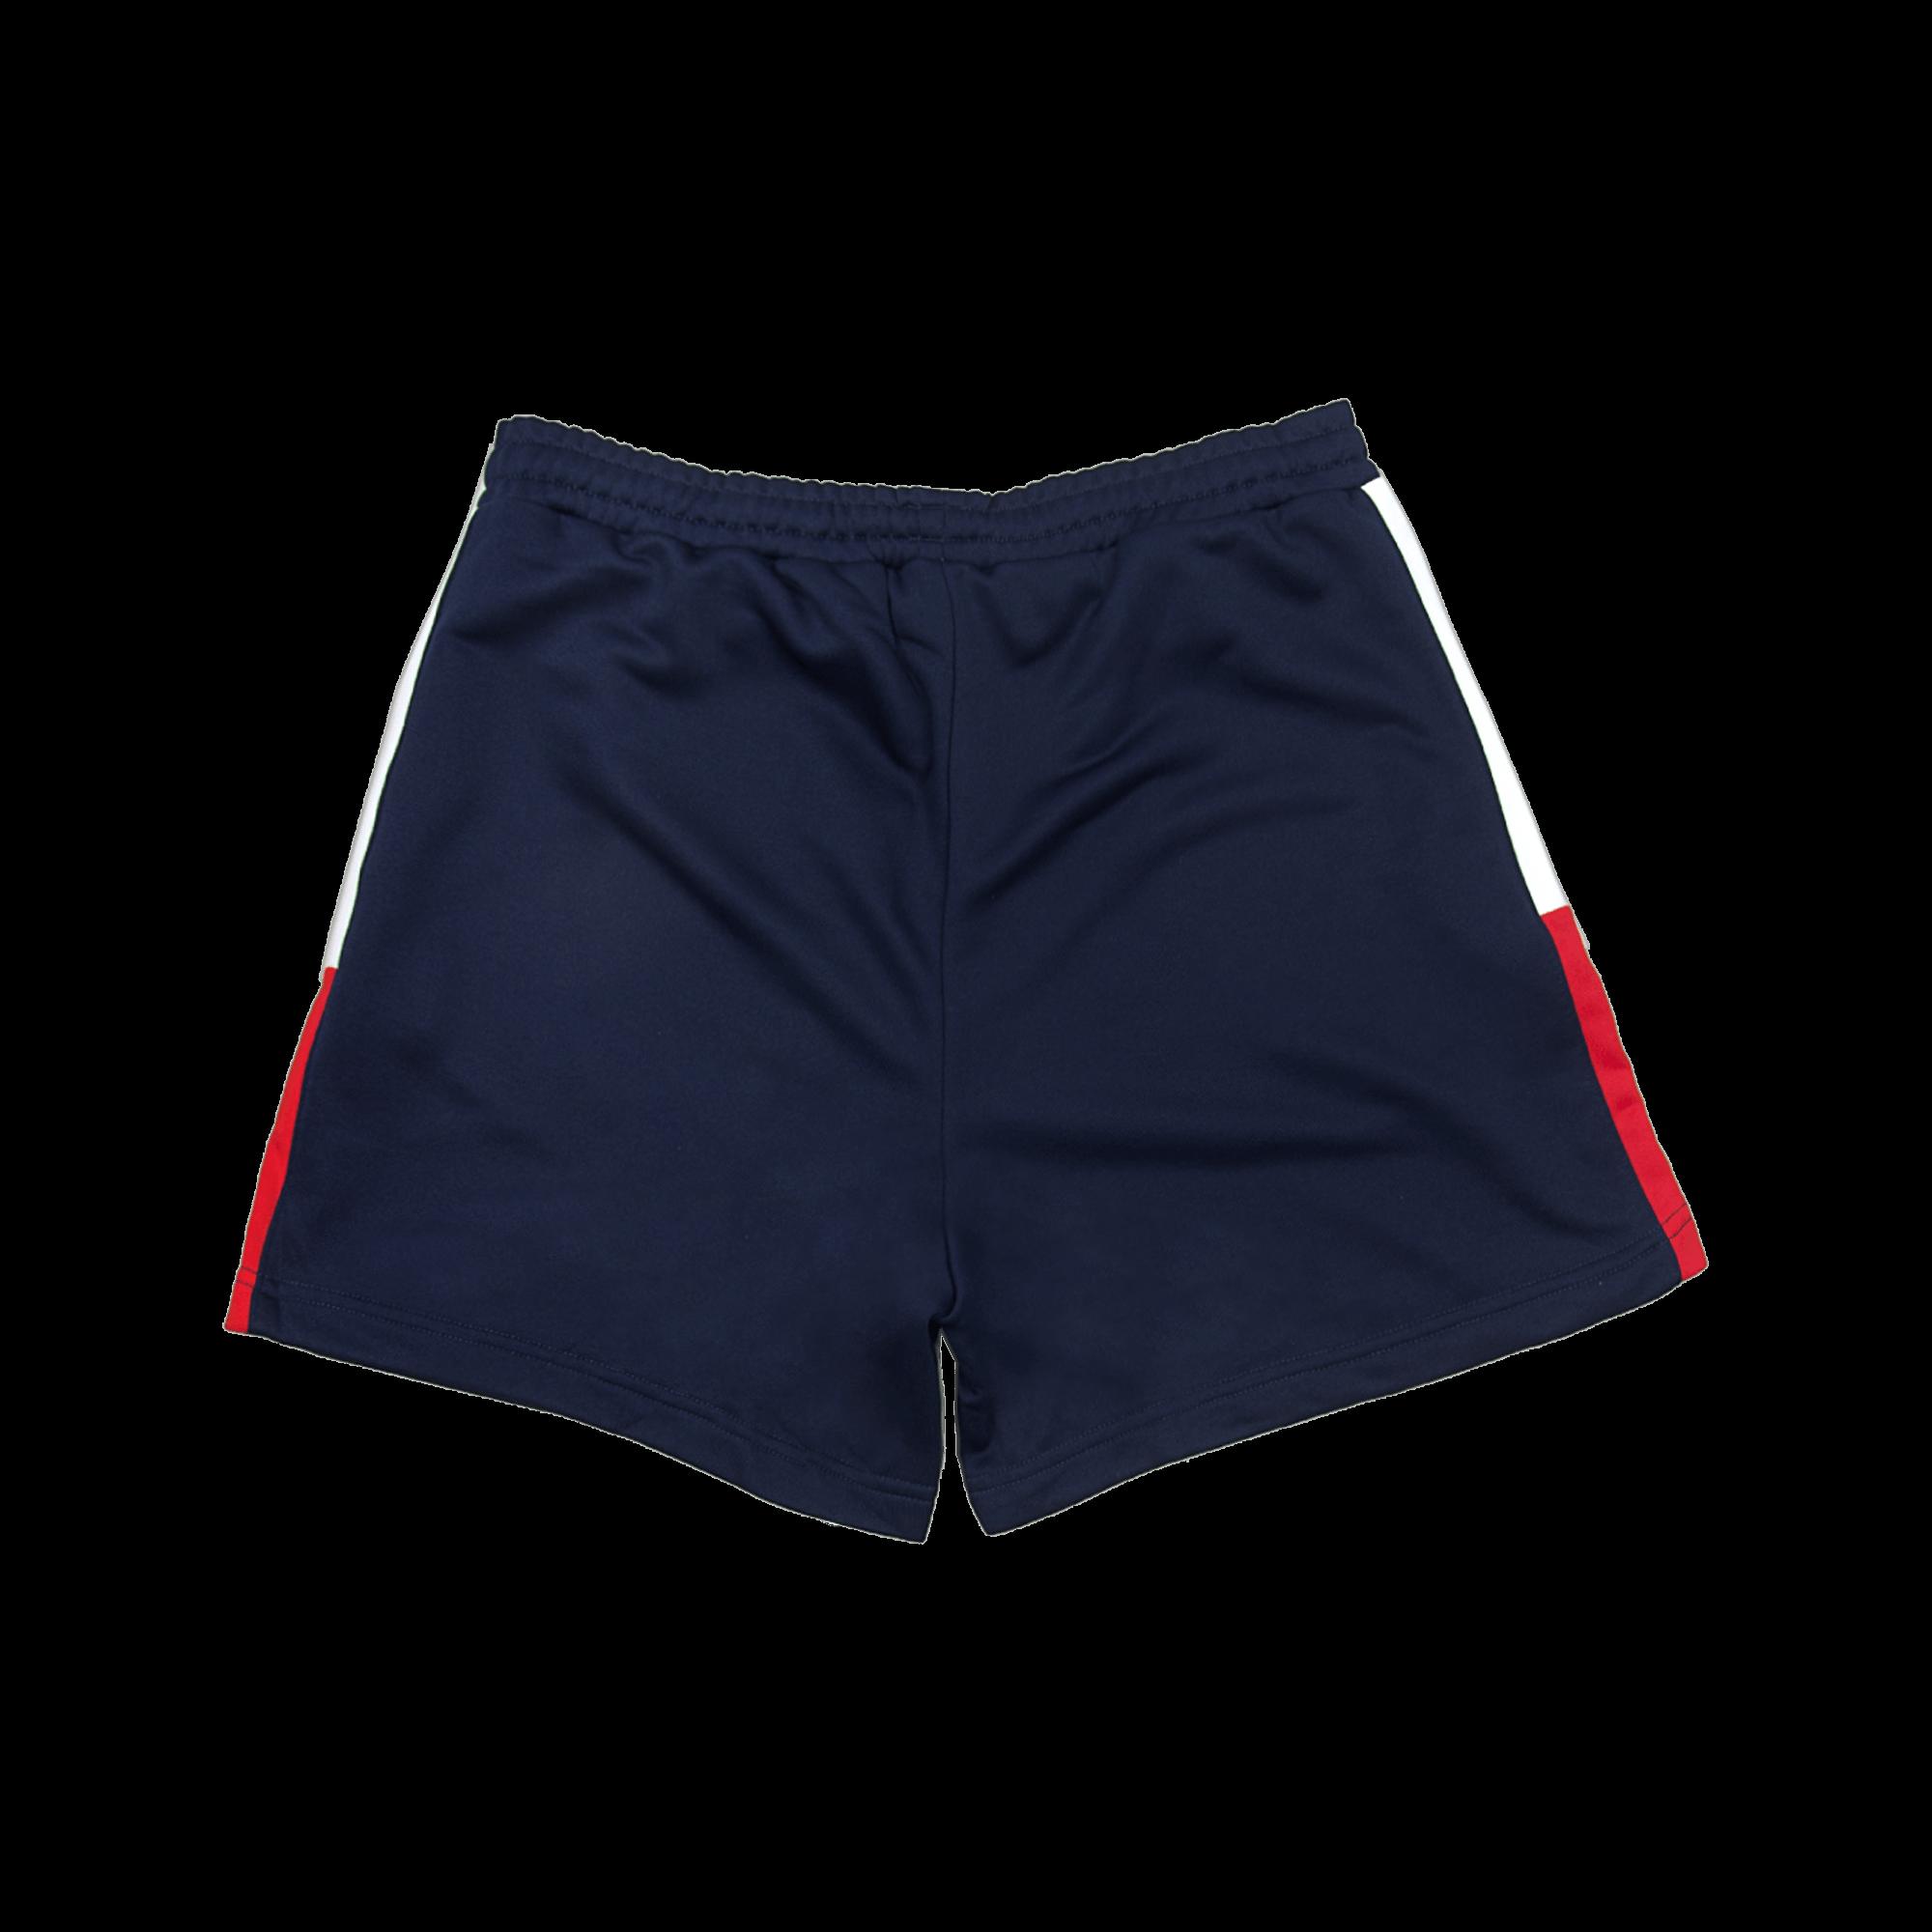 31429c8becea Fila Carlos Shorts peacoat - Pantaloni corti